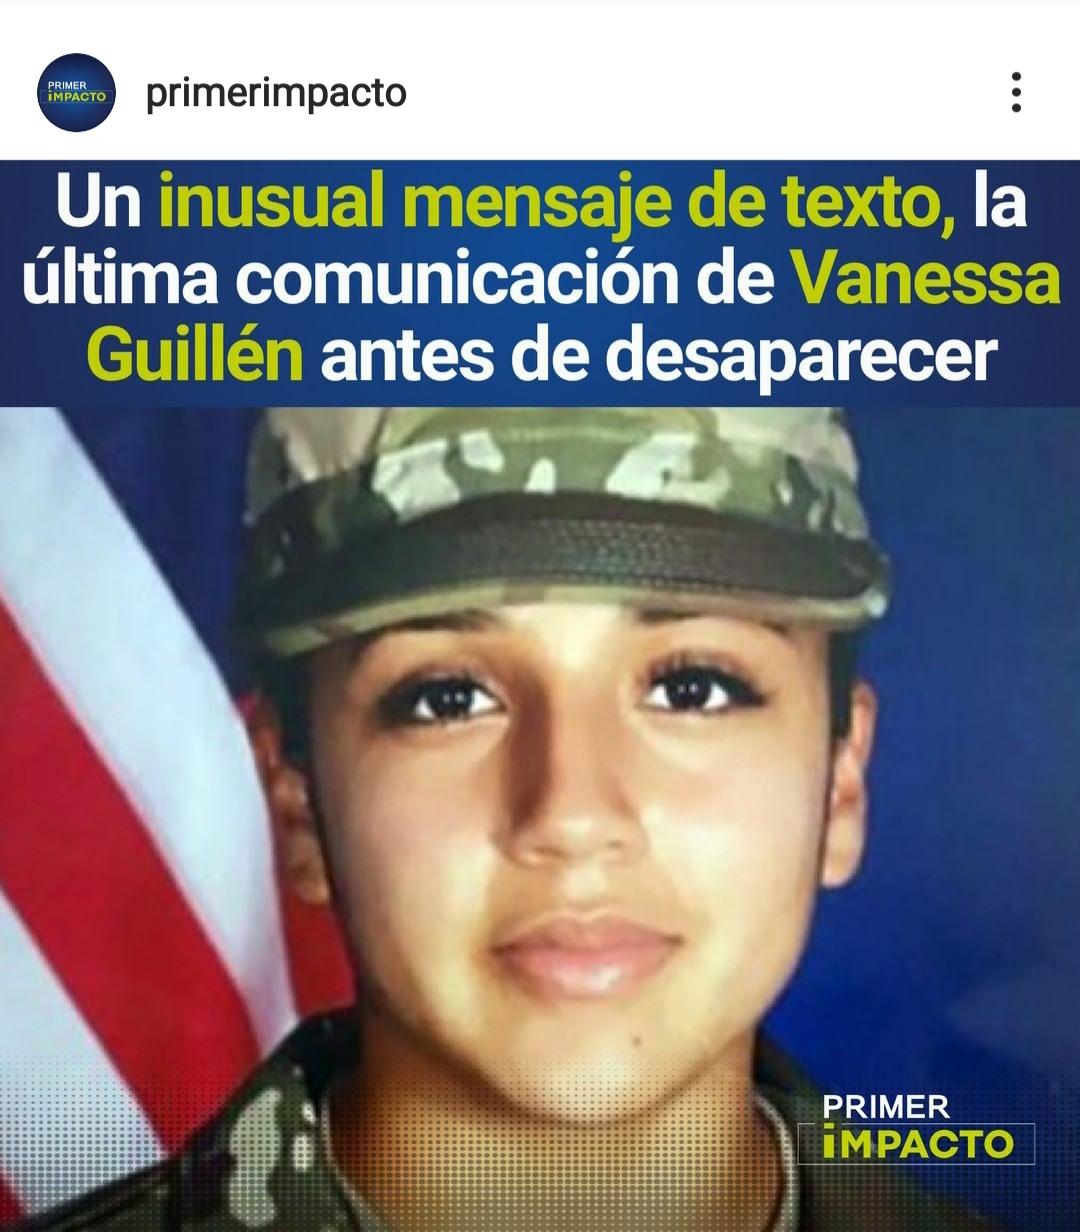 Se filtra último mensaje de texto que envió Vanessa Guillén